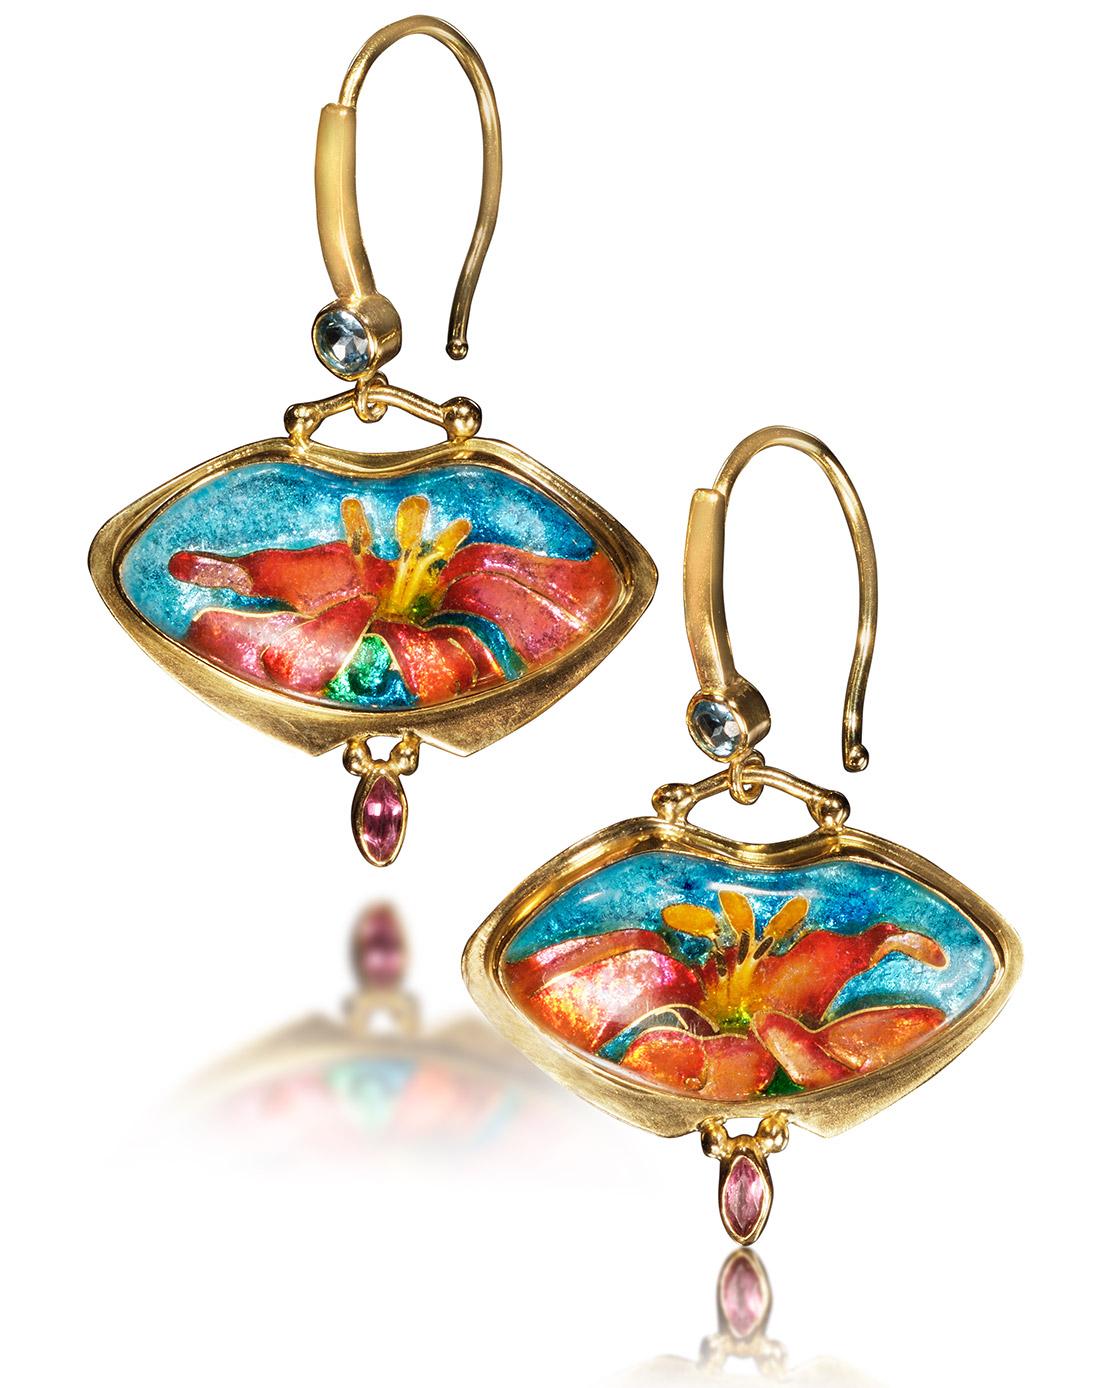 Cloisonne Jewelry | Earrings Canna | Enamel Jewelry by Patsy Croft